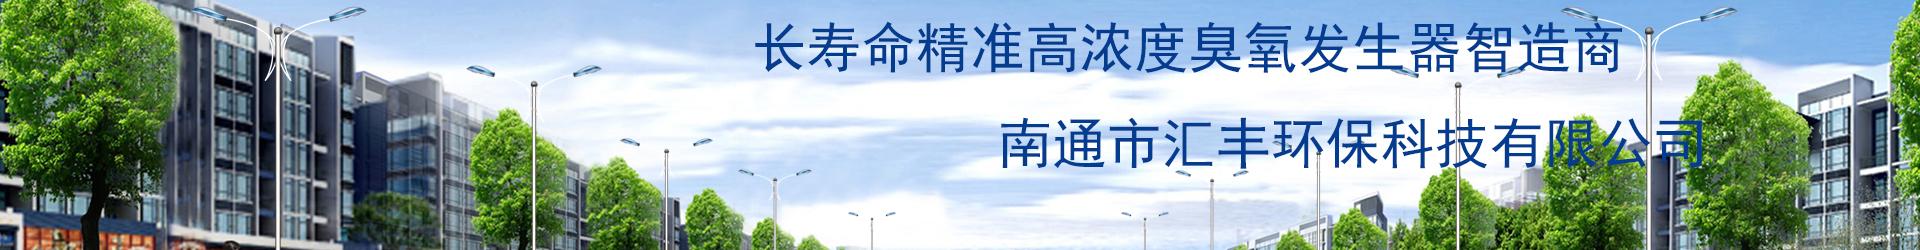 http://www.183hf.com/data/upload/202101/20210114142613_253.jpg